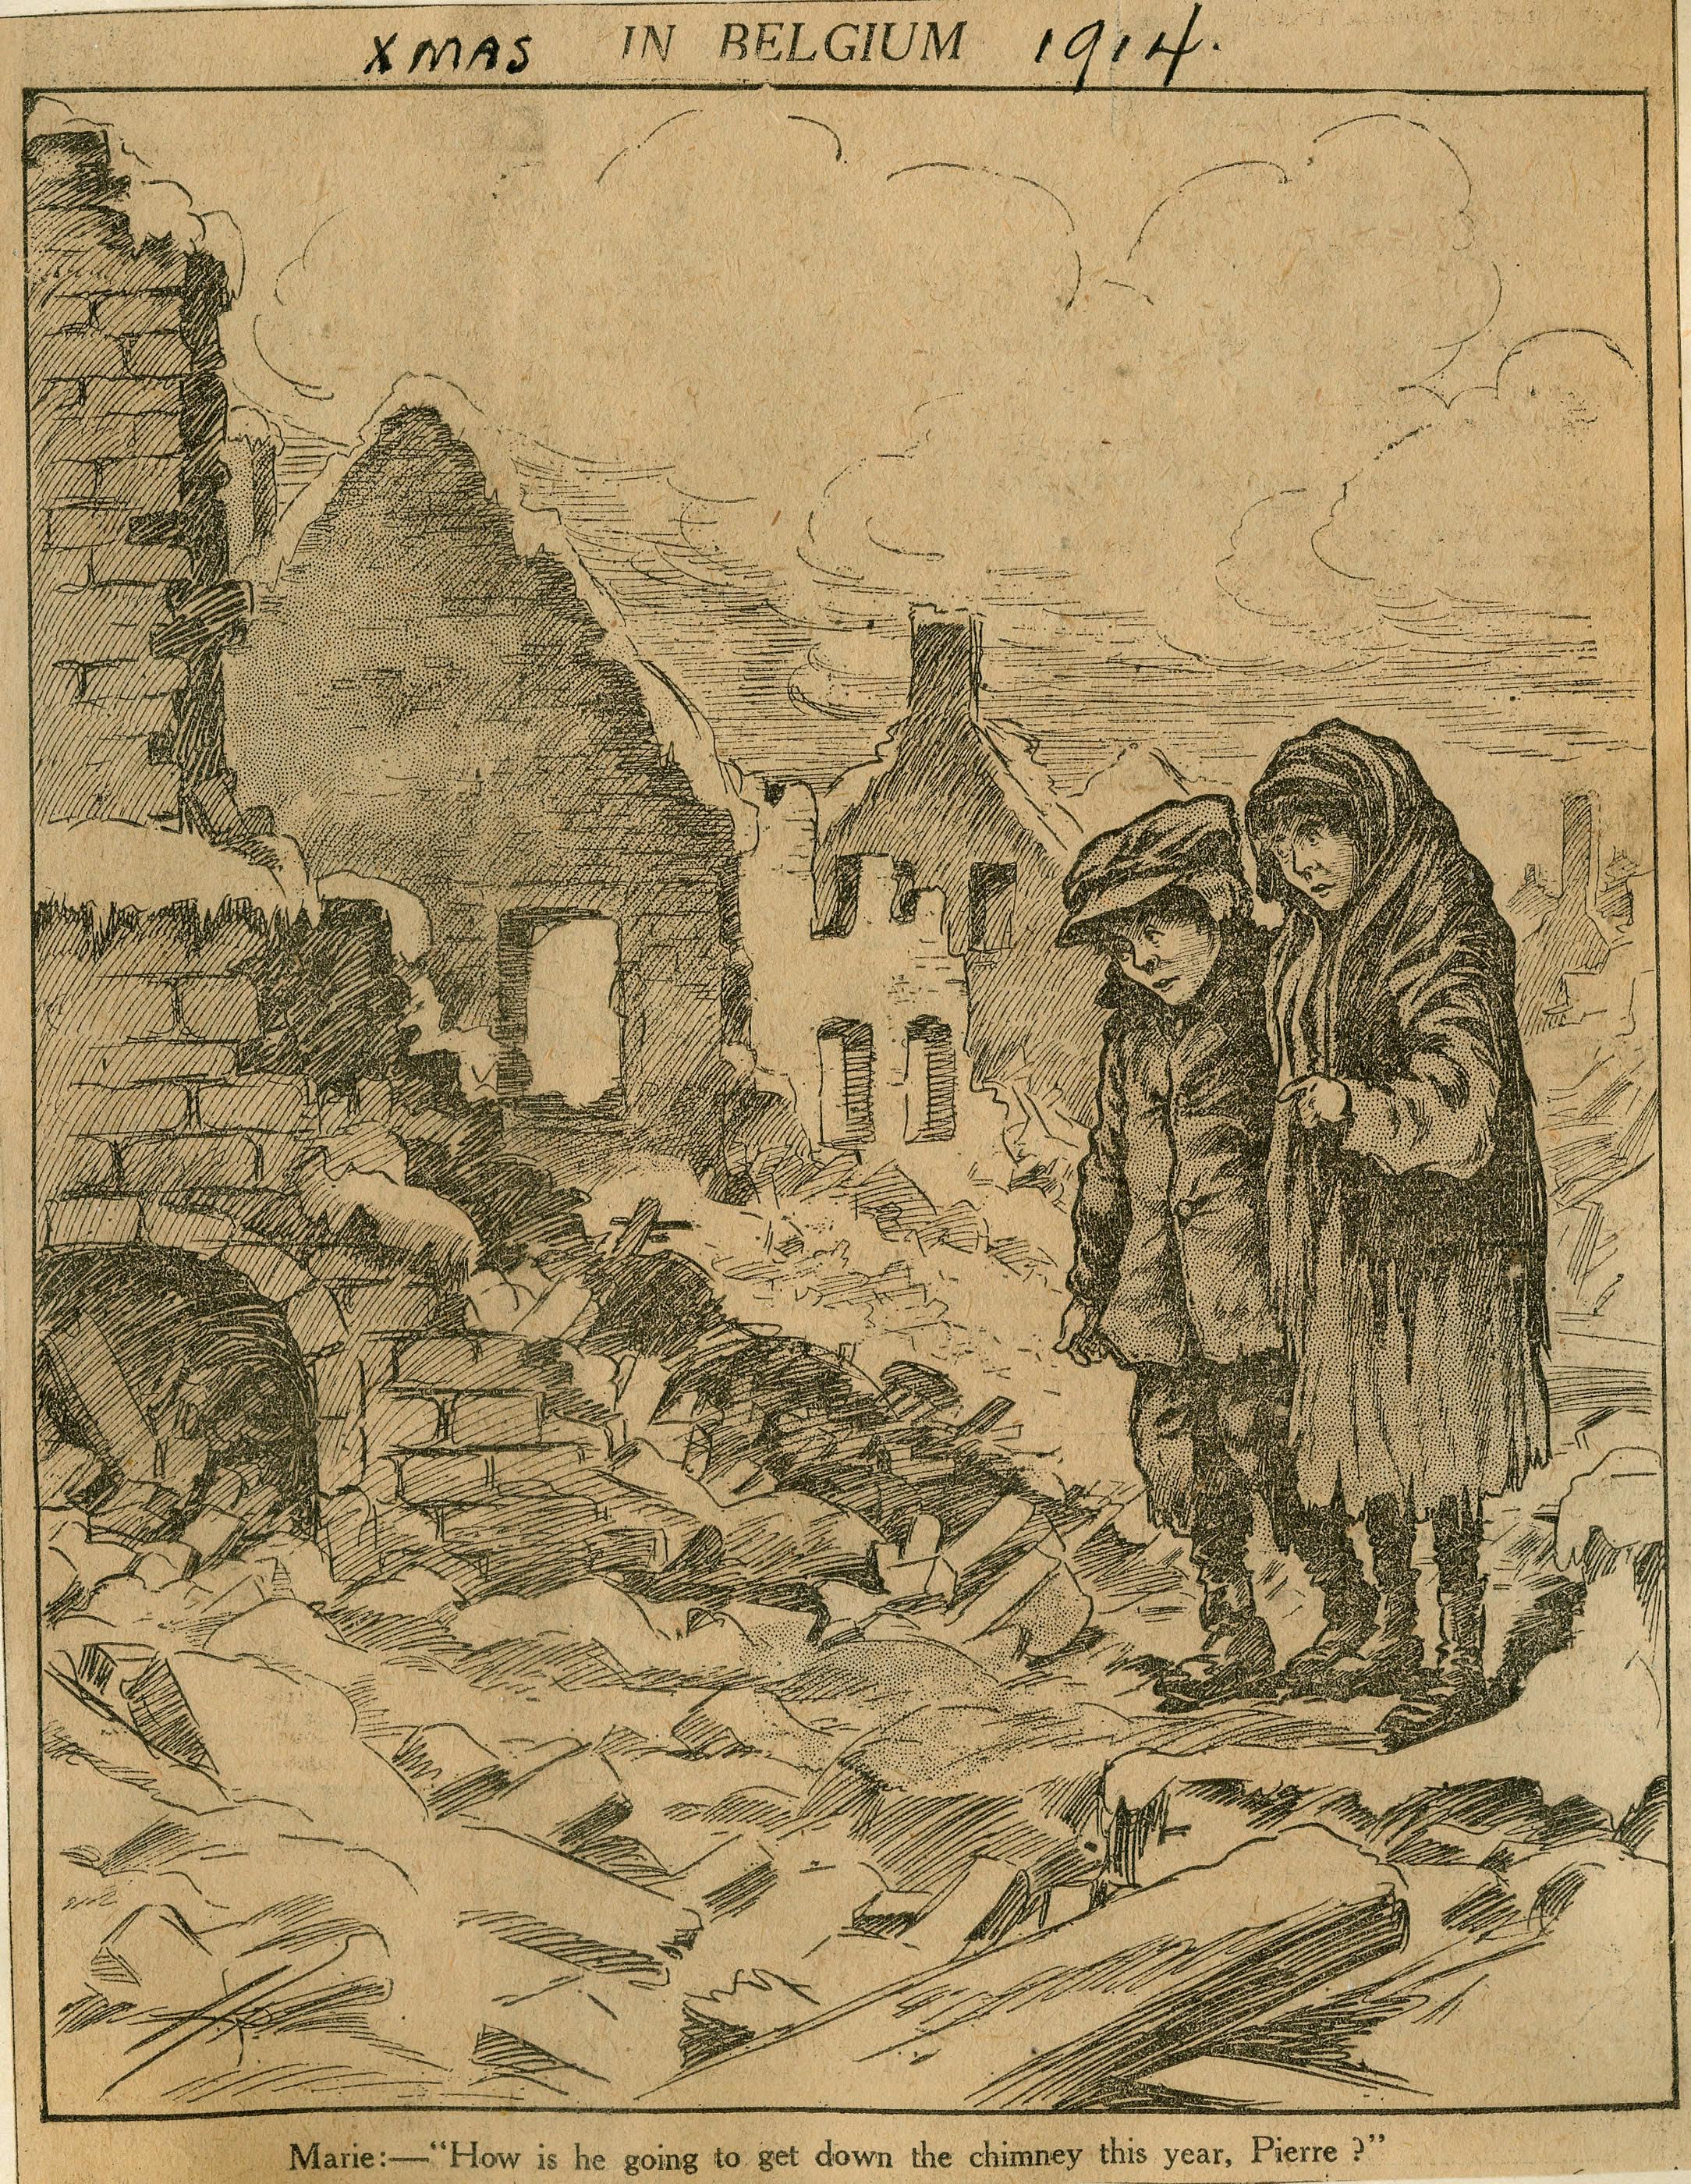 <i>Xmas in Belgium, 1914. (Noël en Belgique, 1914)</i>